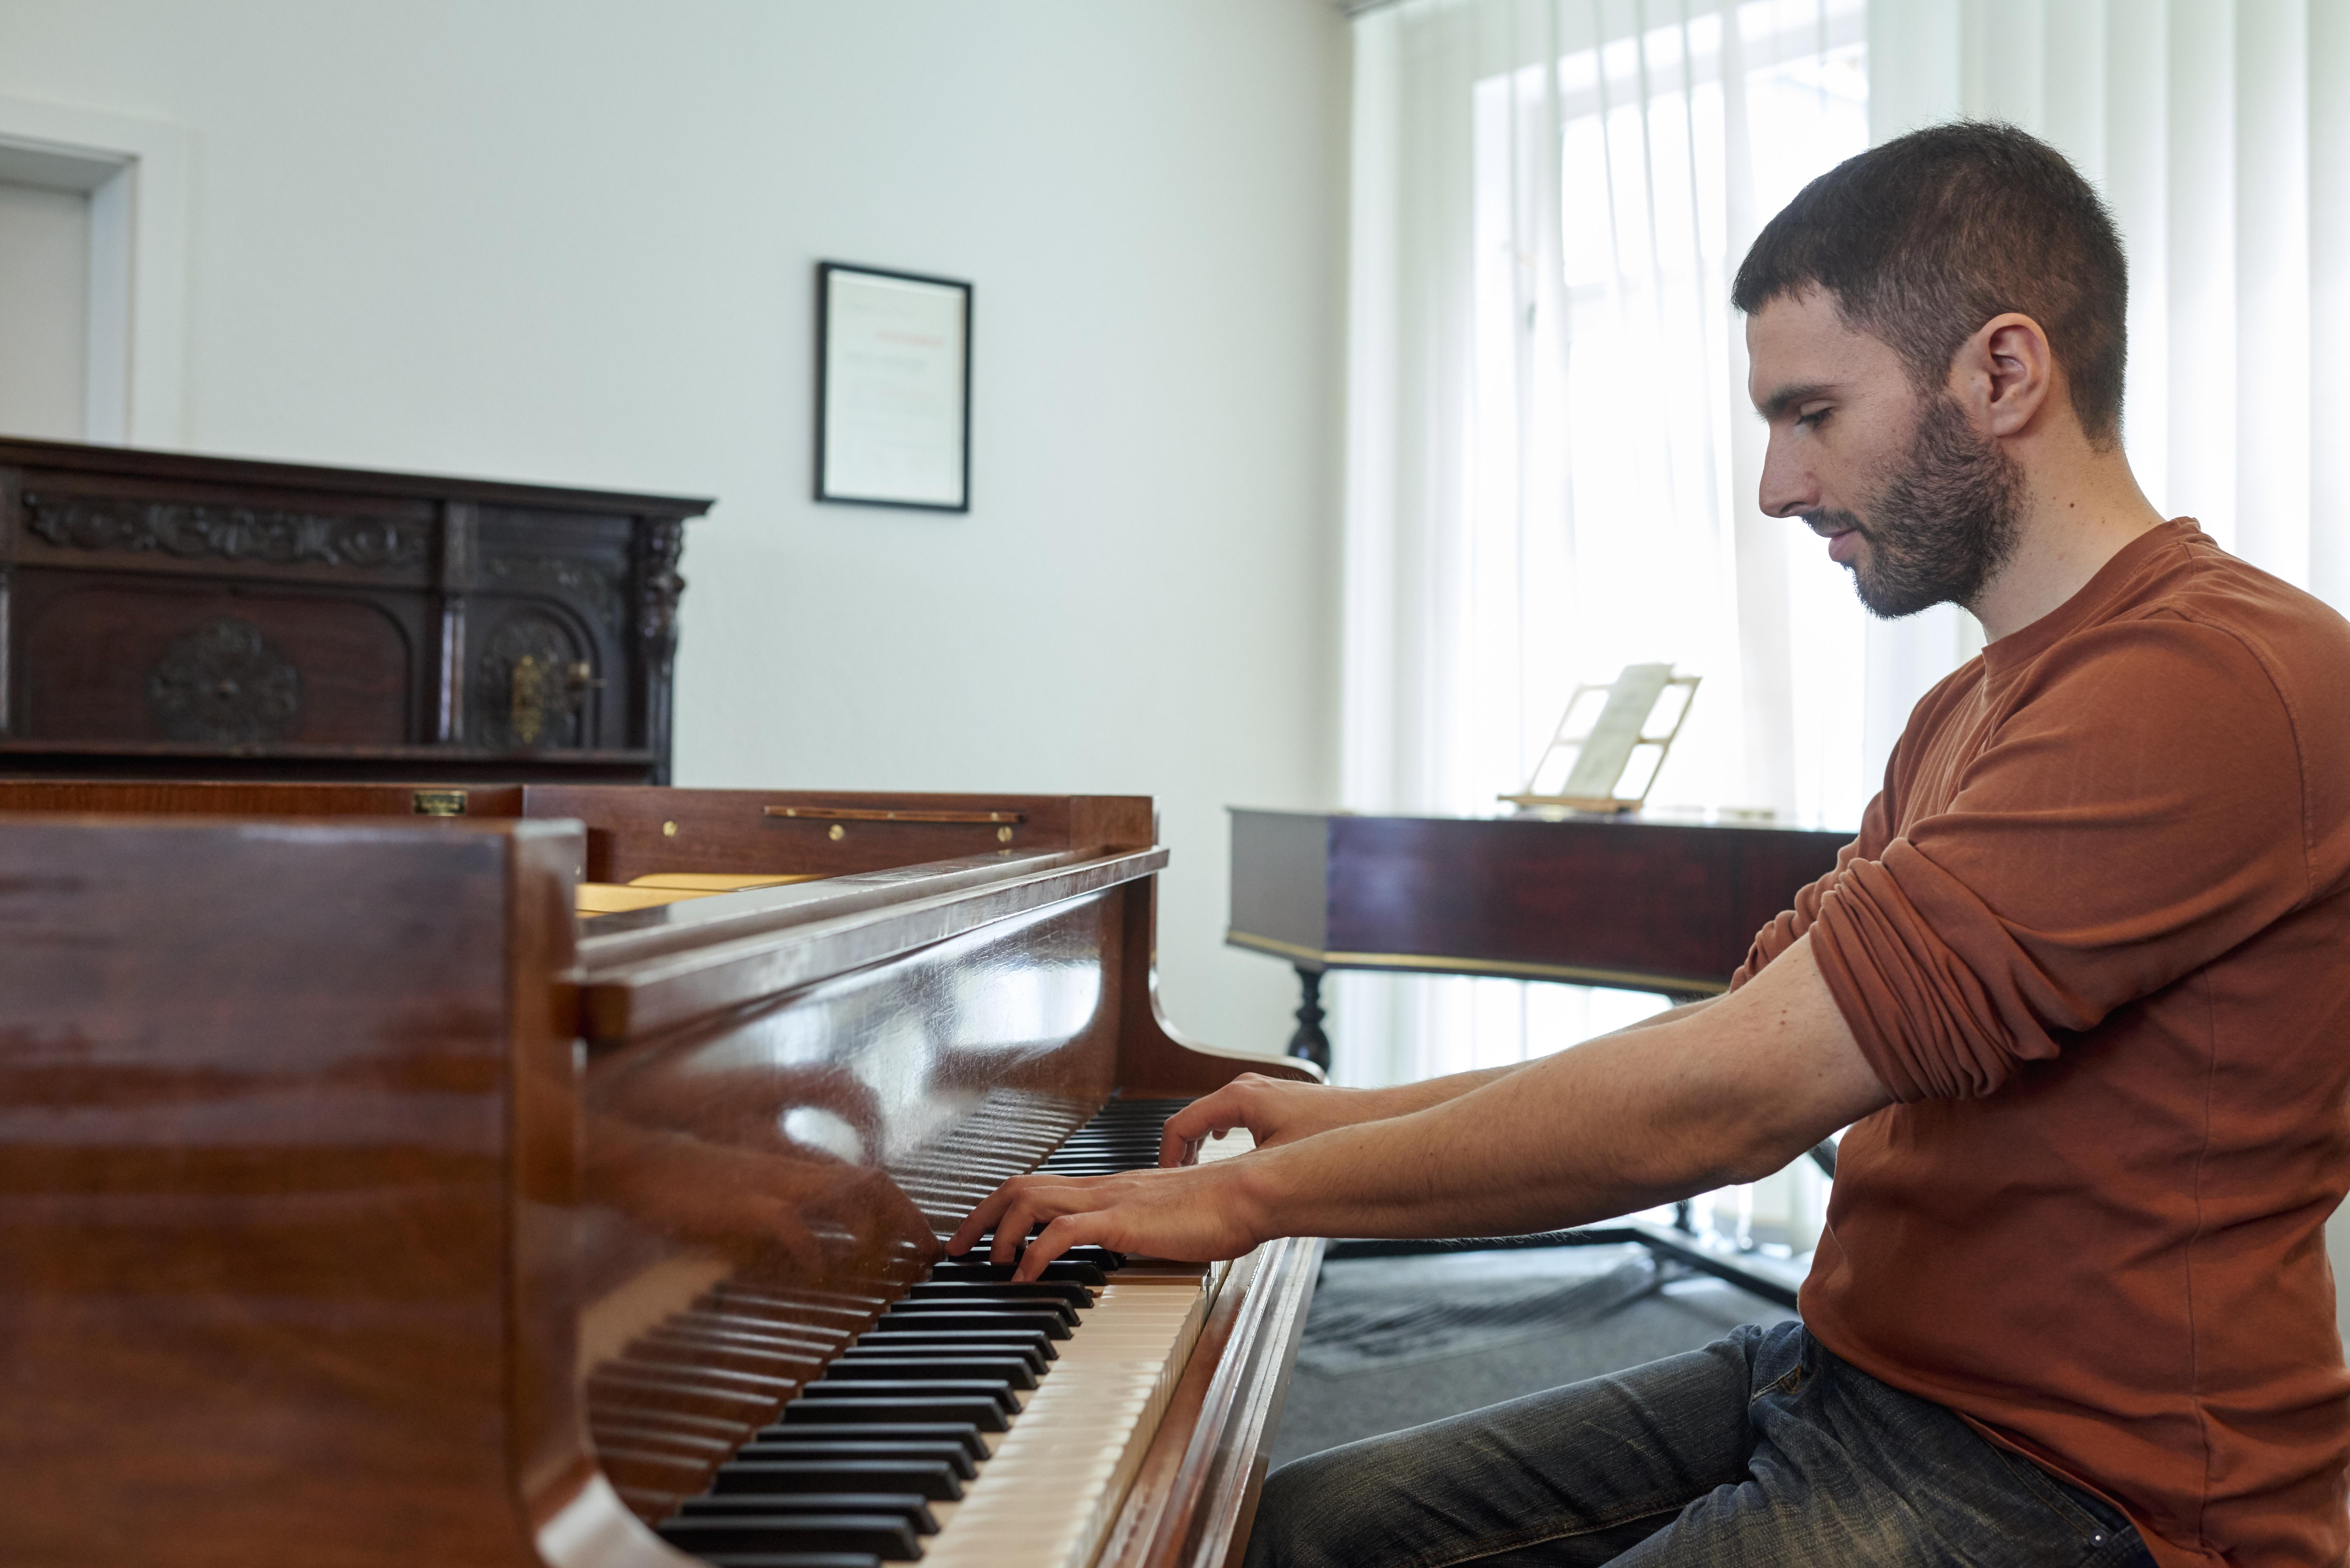 Schlecker Klavierb 5 17 15595 - Schlecker Klavierbau: Handwerkskunst